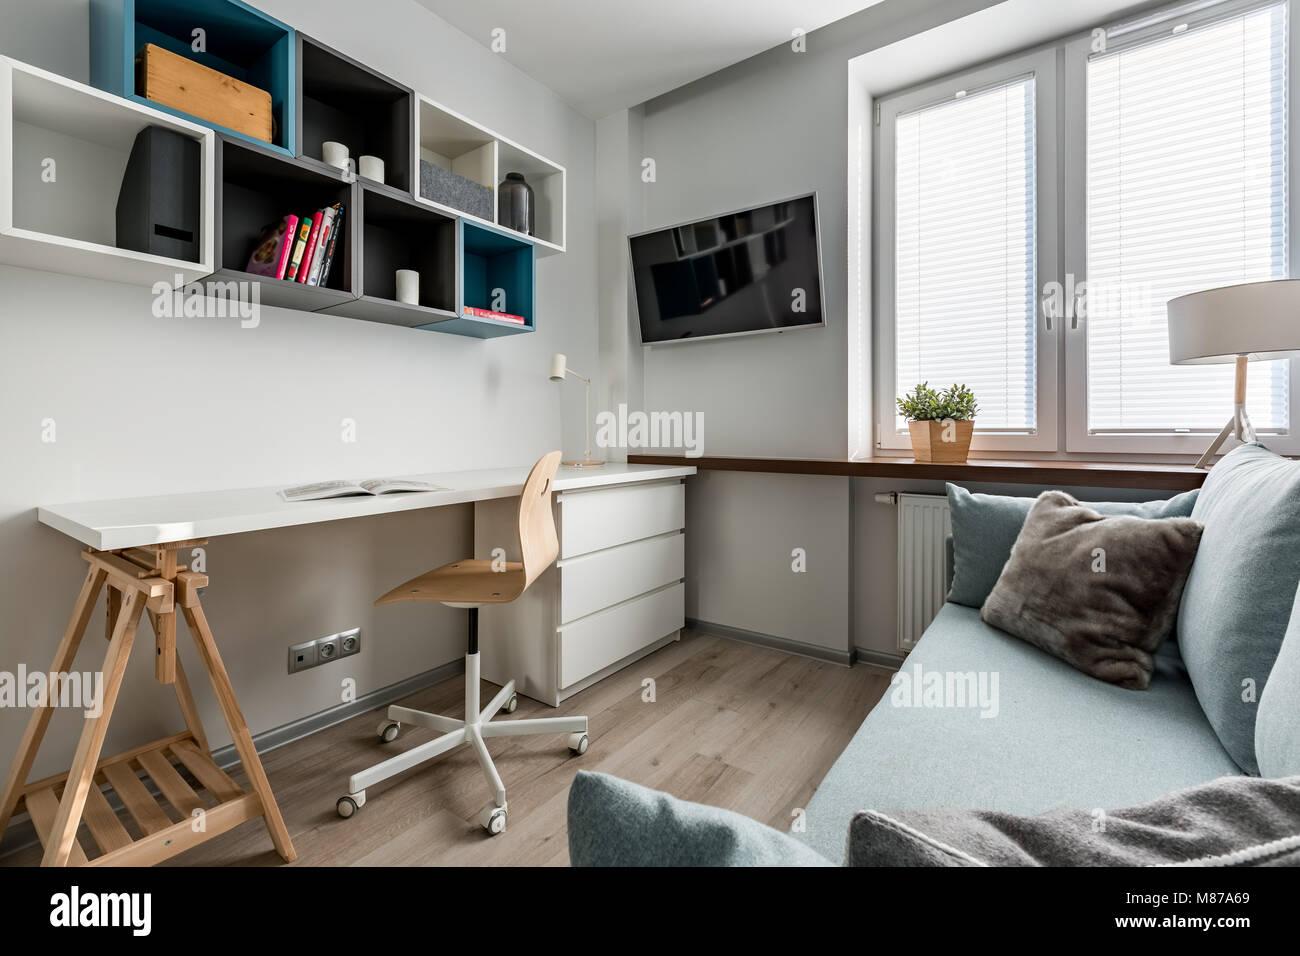 Ufficio Legno Bianco : Ufficio luminosa camera con semplice bianco scrivania sedia in